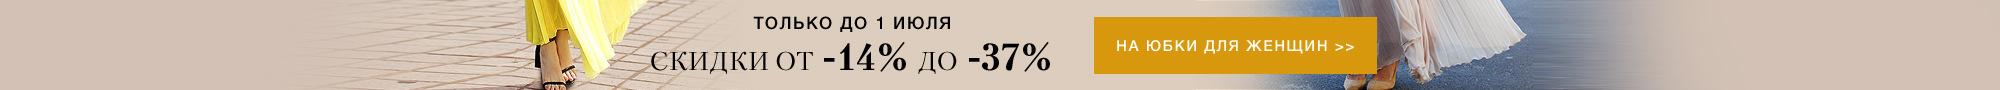 Скидки от -14% до -47% на Женские юбки